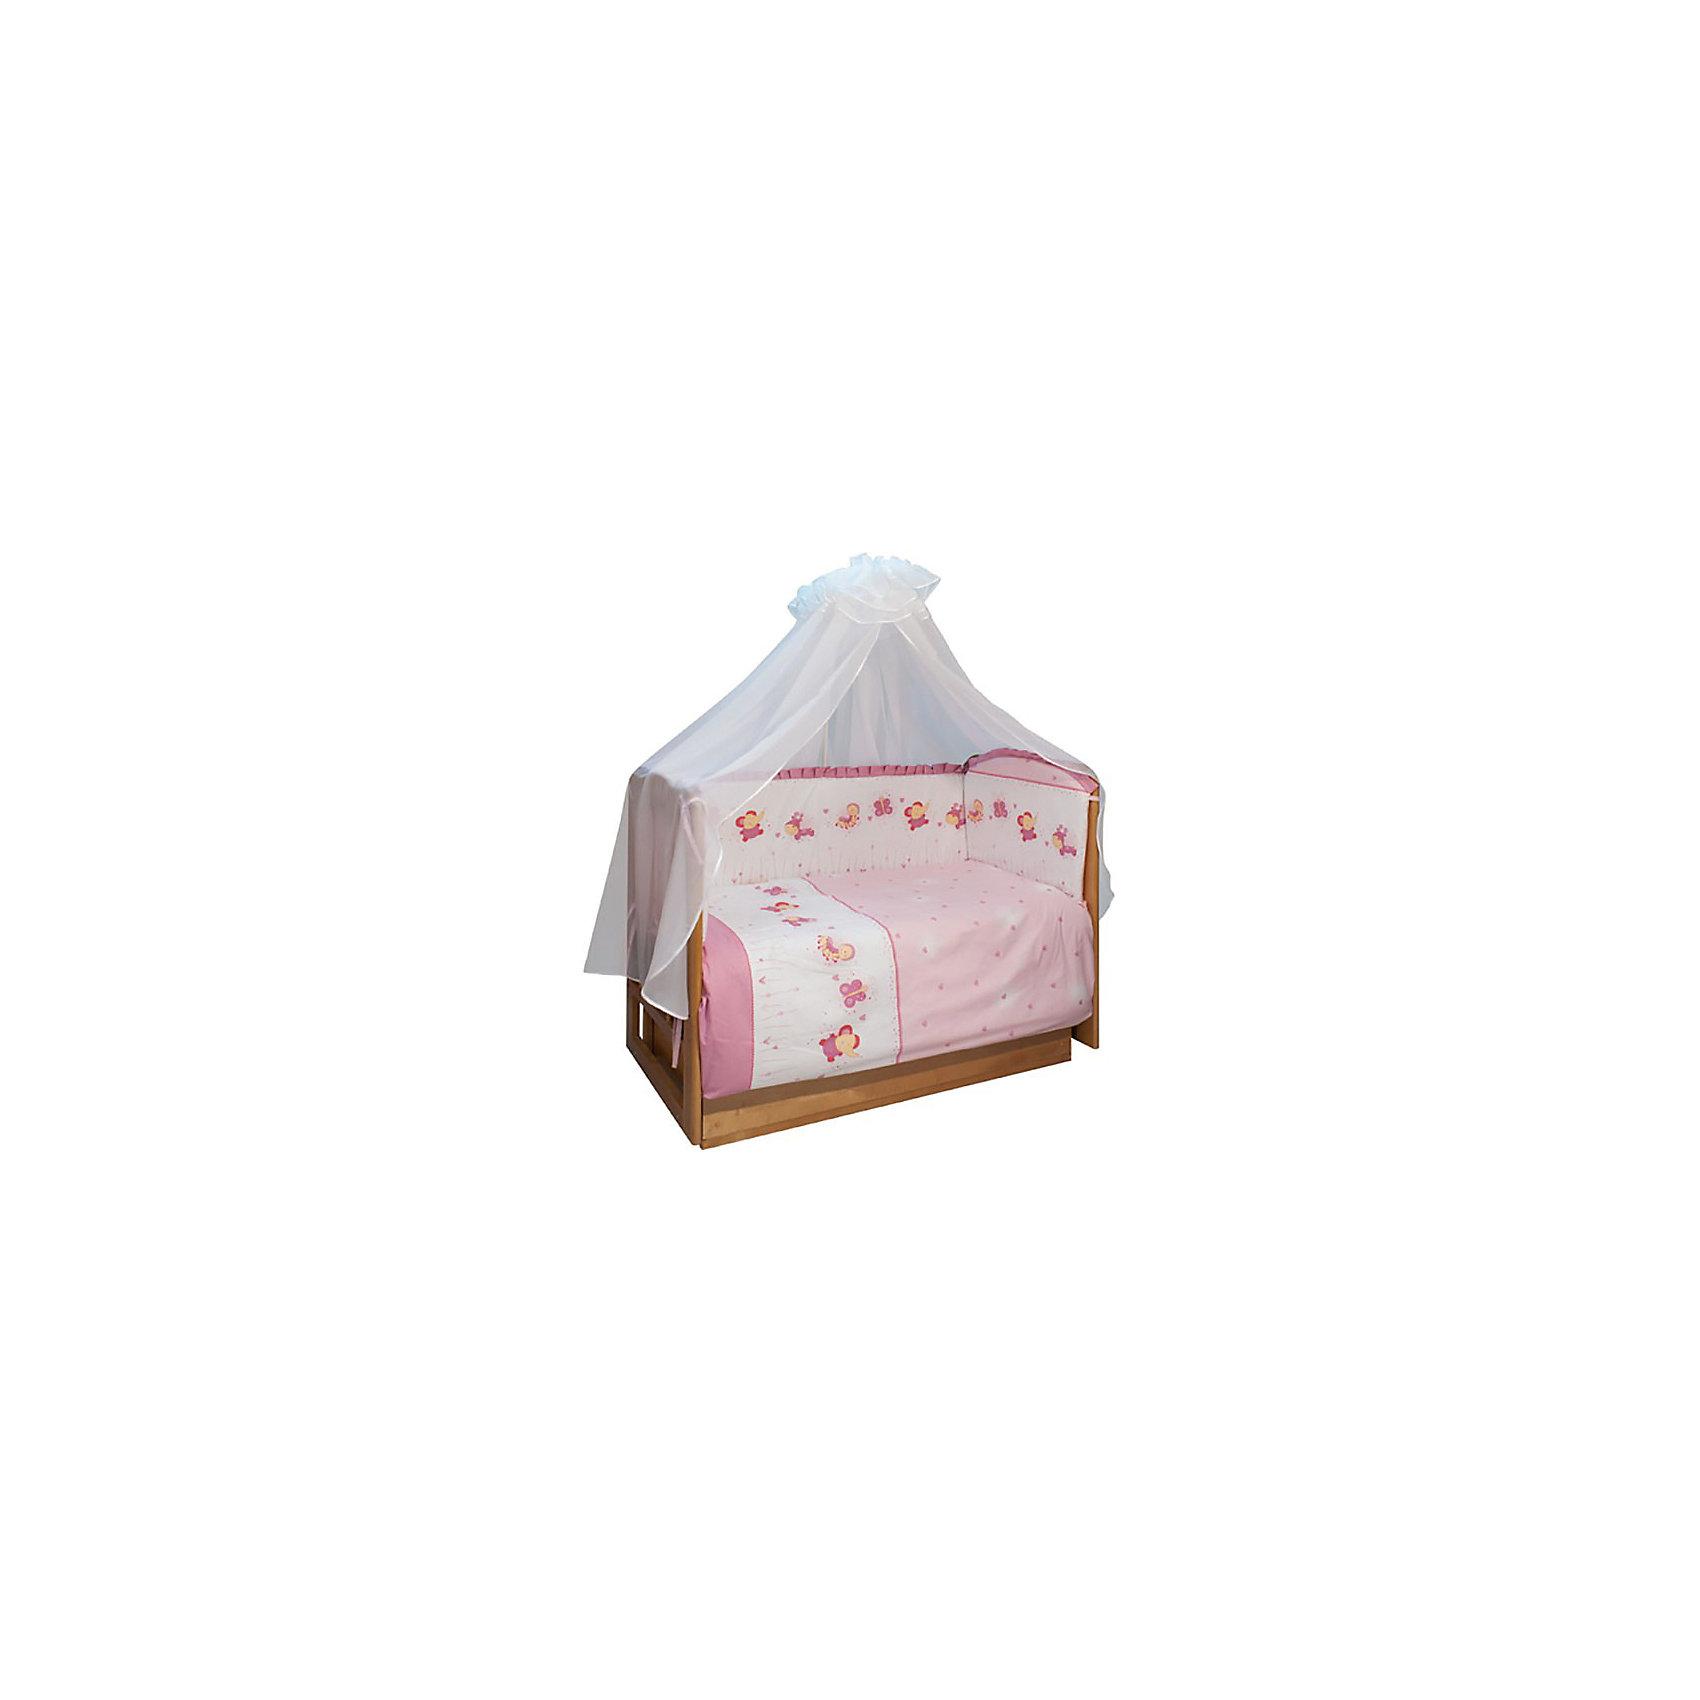 Бортик в кроватку Ласковое лето, Soni kids, розовыйОчень красивый и невероятно нежный бортик на кроватку.<br>Пусть Ваш малыш спит в удобстве и безопасности!<br><br>Дополнительная информация:<br><br>- Размер бортика: 360х44 см.<br>- Материал: верх: поплин.<br>- Наполнитель: антиаллергенный холлофайбер.<br>- Цвет: розовый.<br>- Размер упаковки: 10х60х43 см.<br>- Вес в упаковке: 600 г.<br><br>Купить бортик на кроватку Ласковое лето от Soni kids в розовом цвете, можно в нашем магазине.<br><br>Ширина мм: 100<br>Глубина мм: 600<br>Высота мм: 430<br>Вес г: 600<br>Возраст от месяцев: 0<br>Возраст до месяцев: 36<br>Пол: Женский<br>Возраст: Детский<br>SKU: 4905953